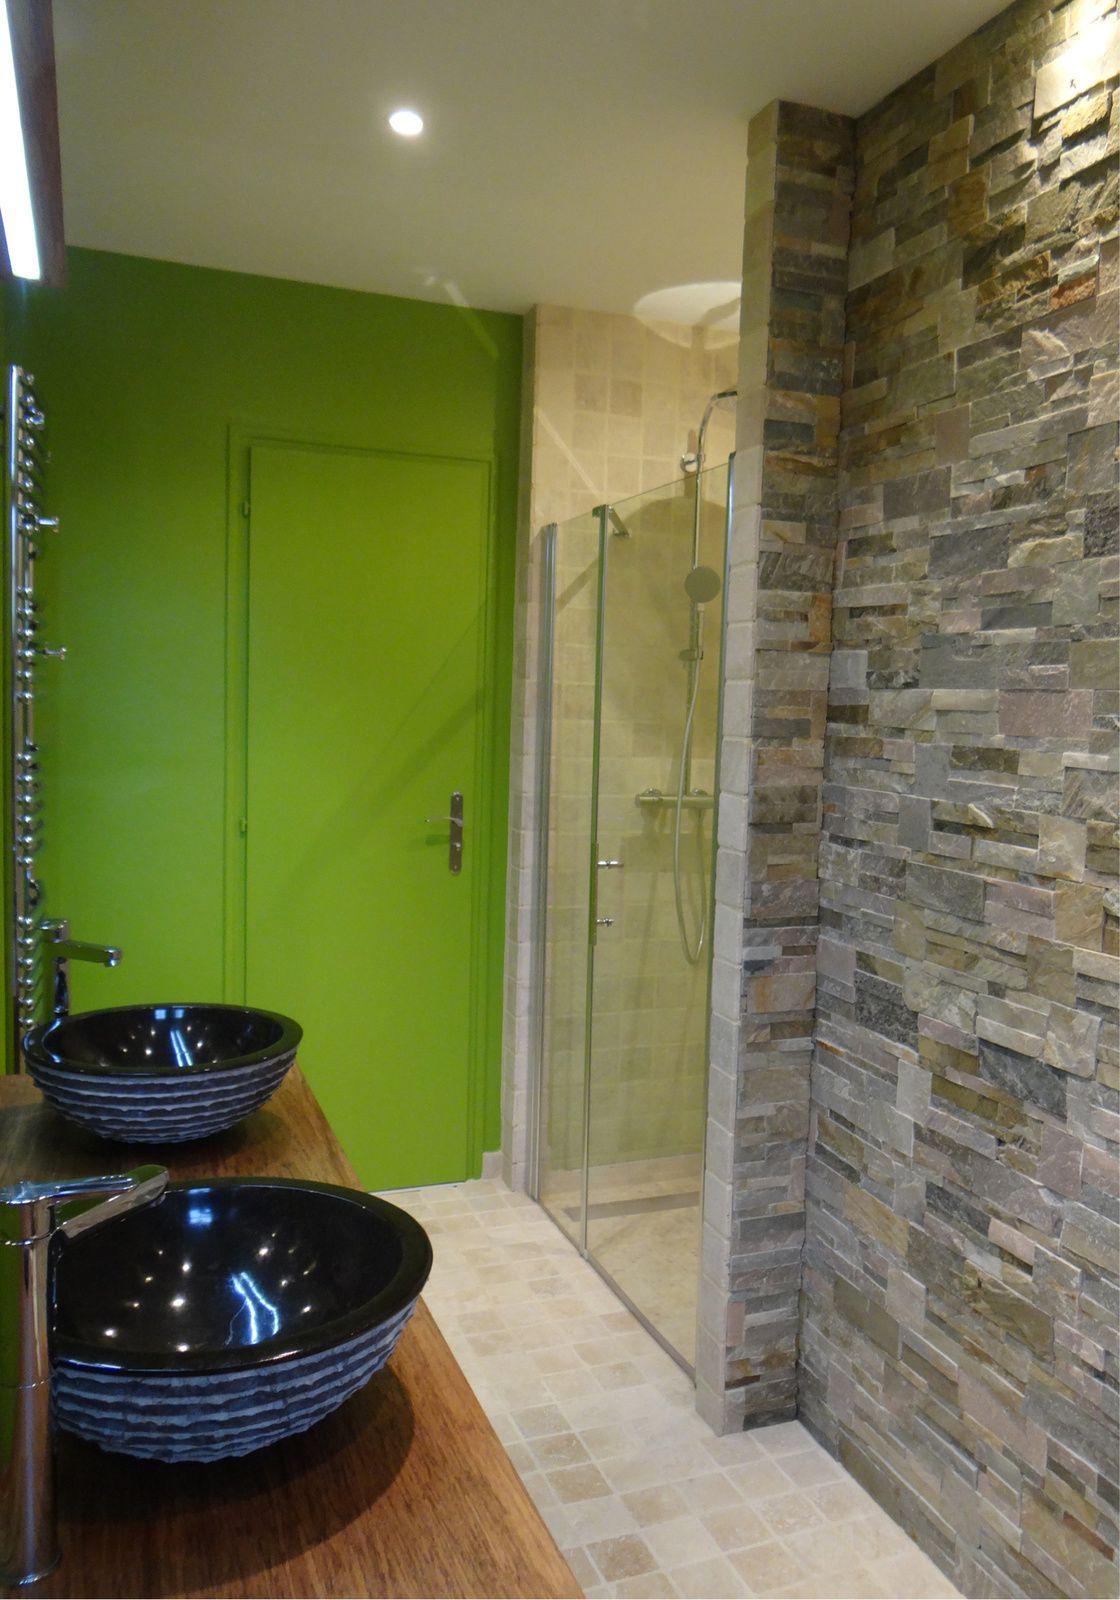 Un amour de blog - Decoratie salle de bain zen bambou ...